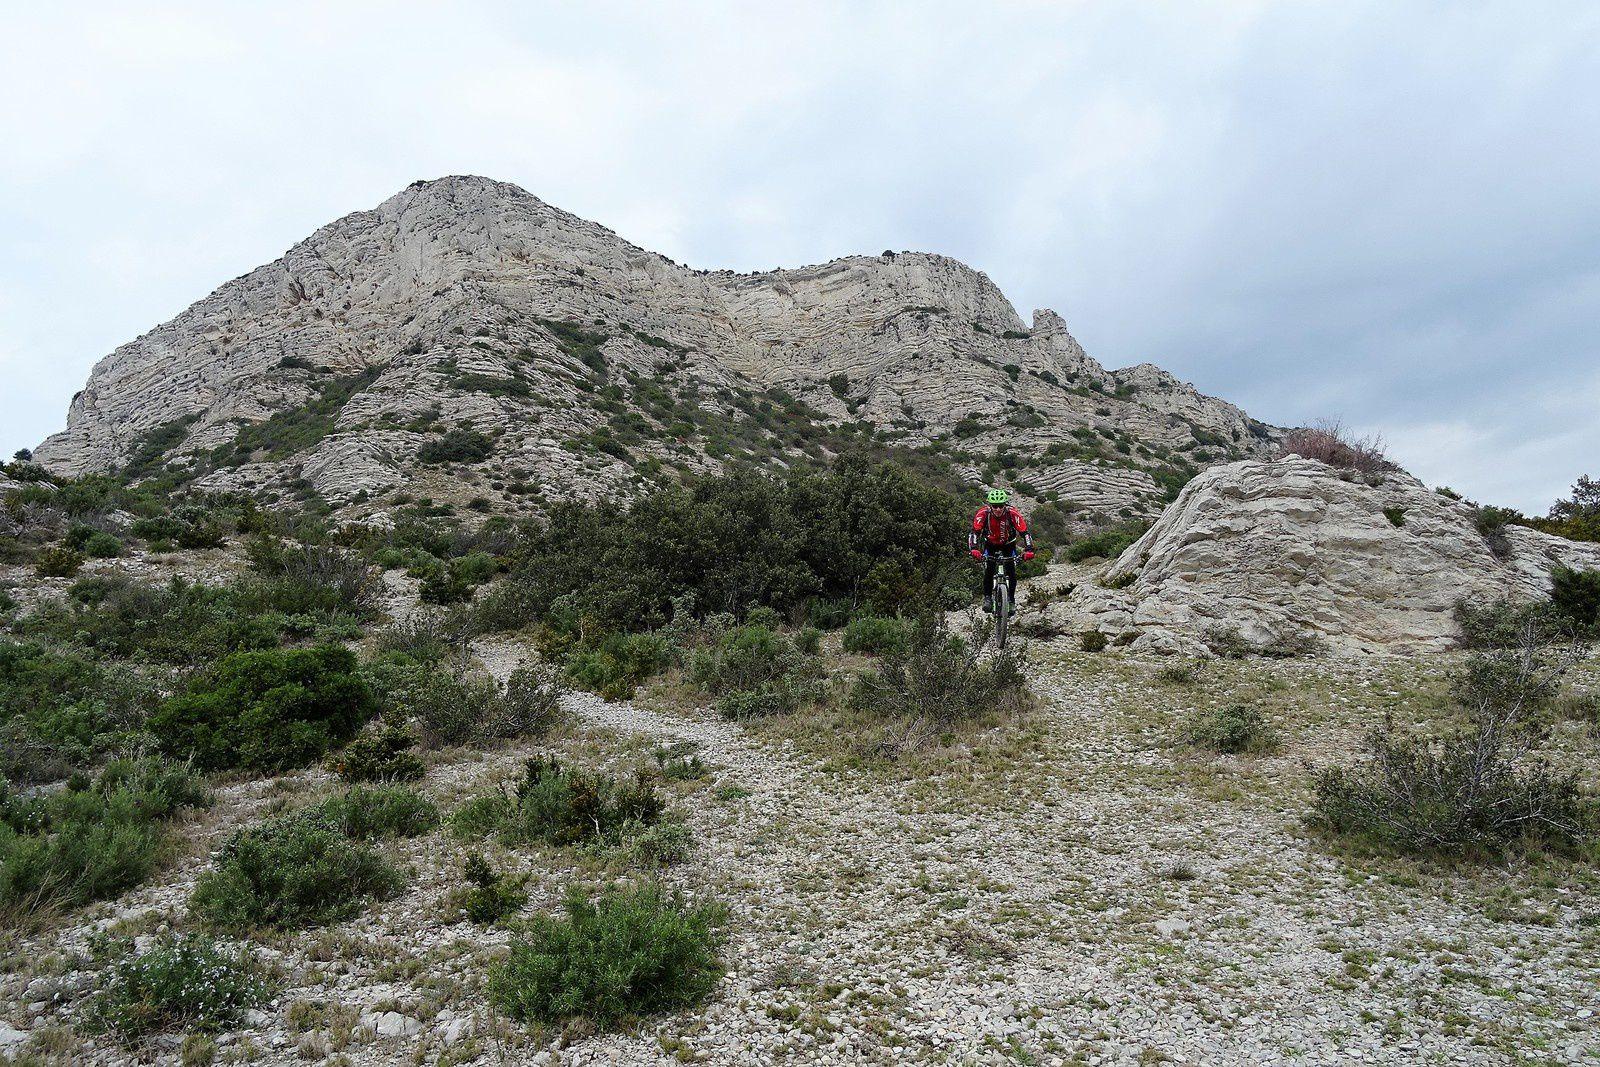 La descente comme la montée se fait dans la caillasse.